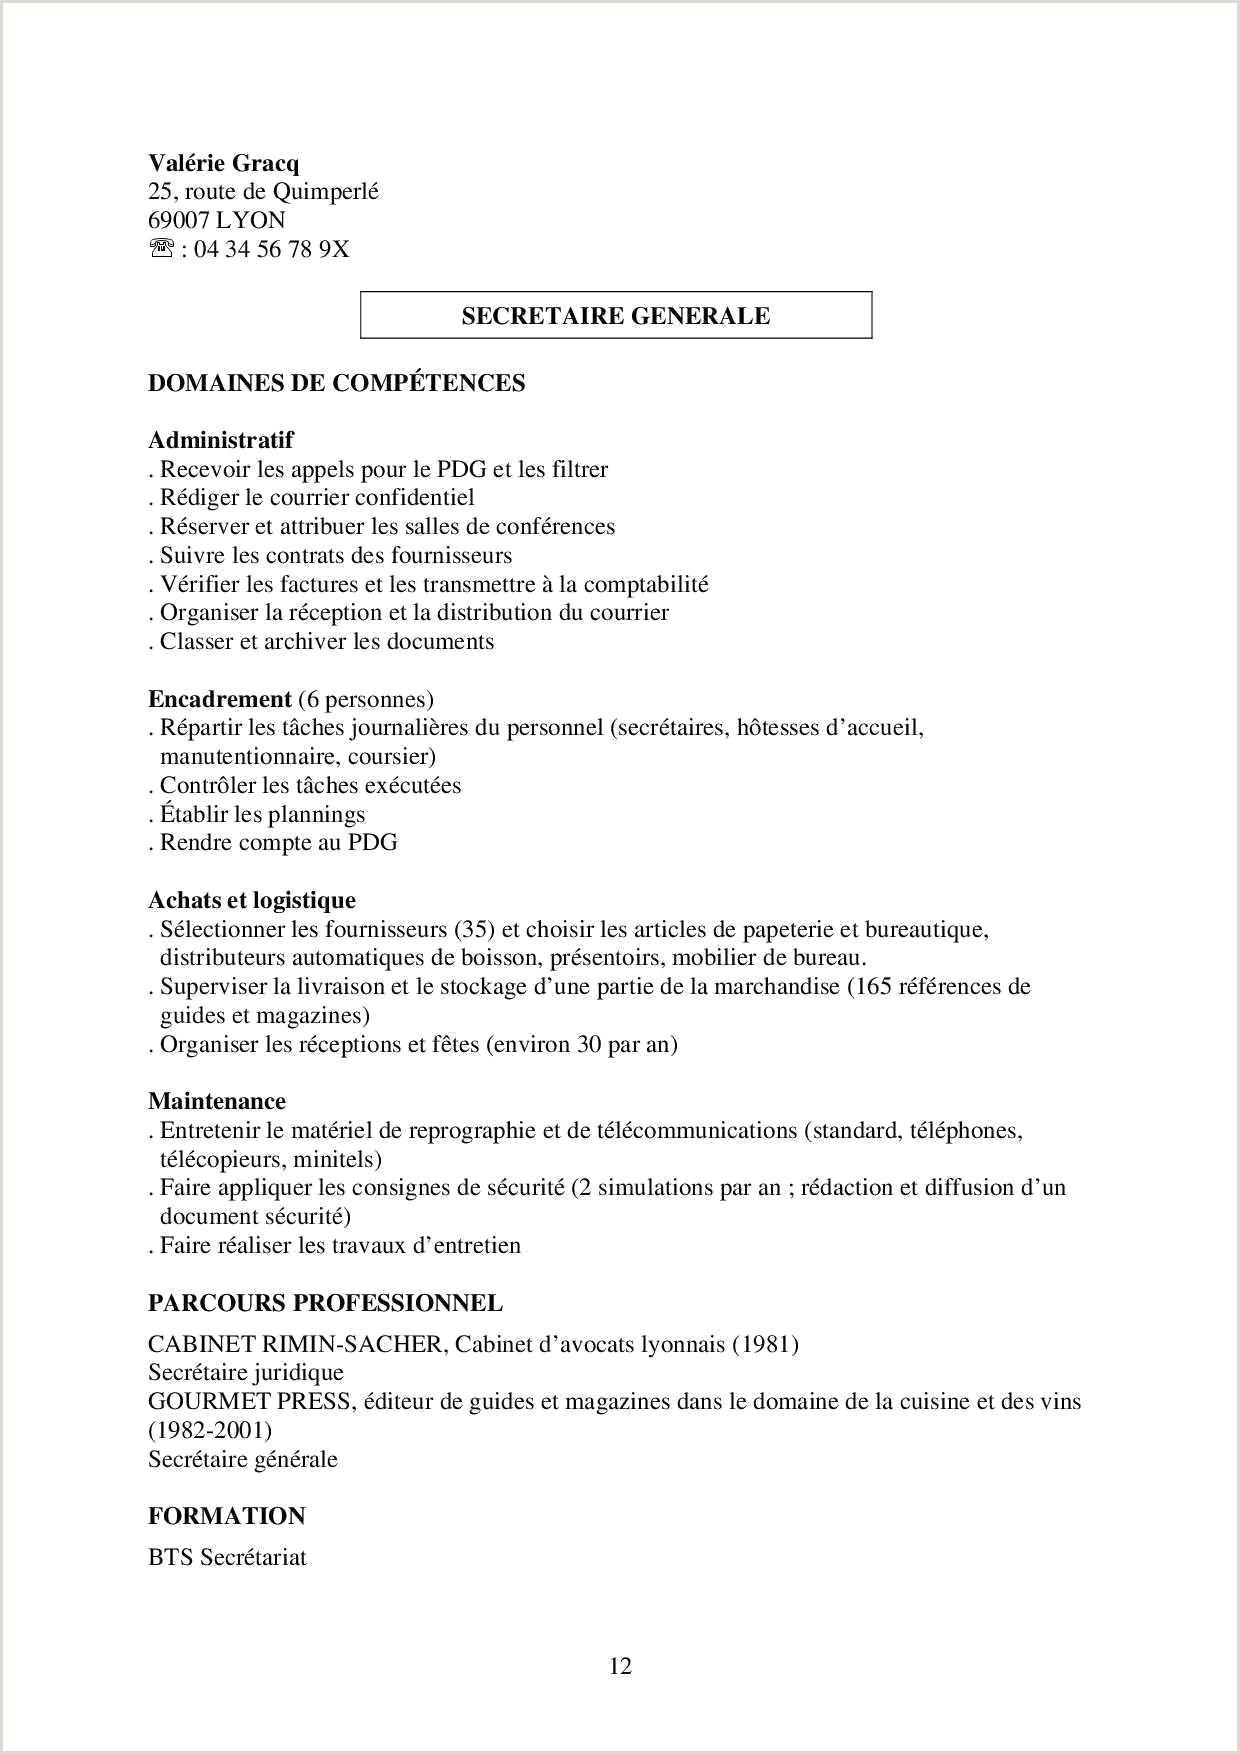 Exemple De Cv formation Cv Pour formation Frais Exemple De Cv Pour formation 12